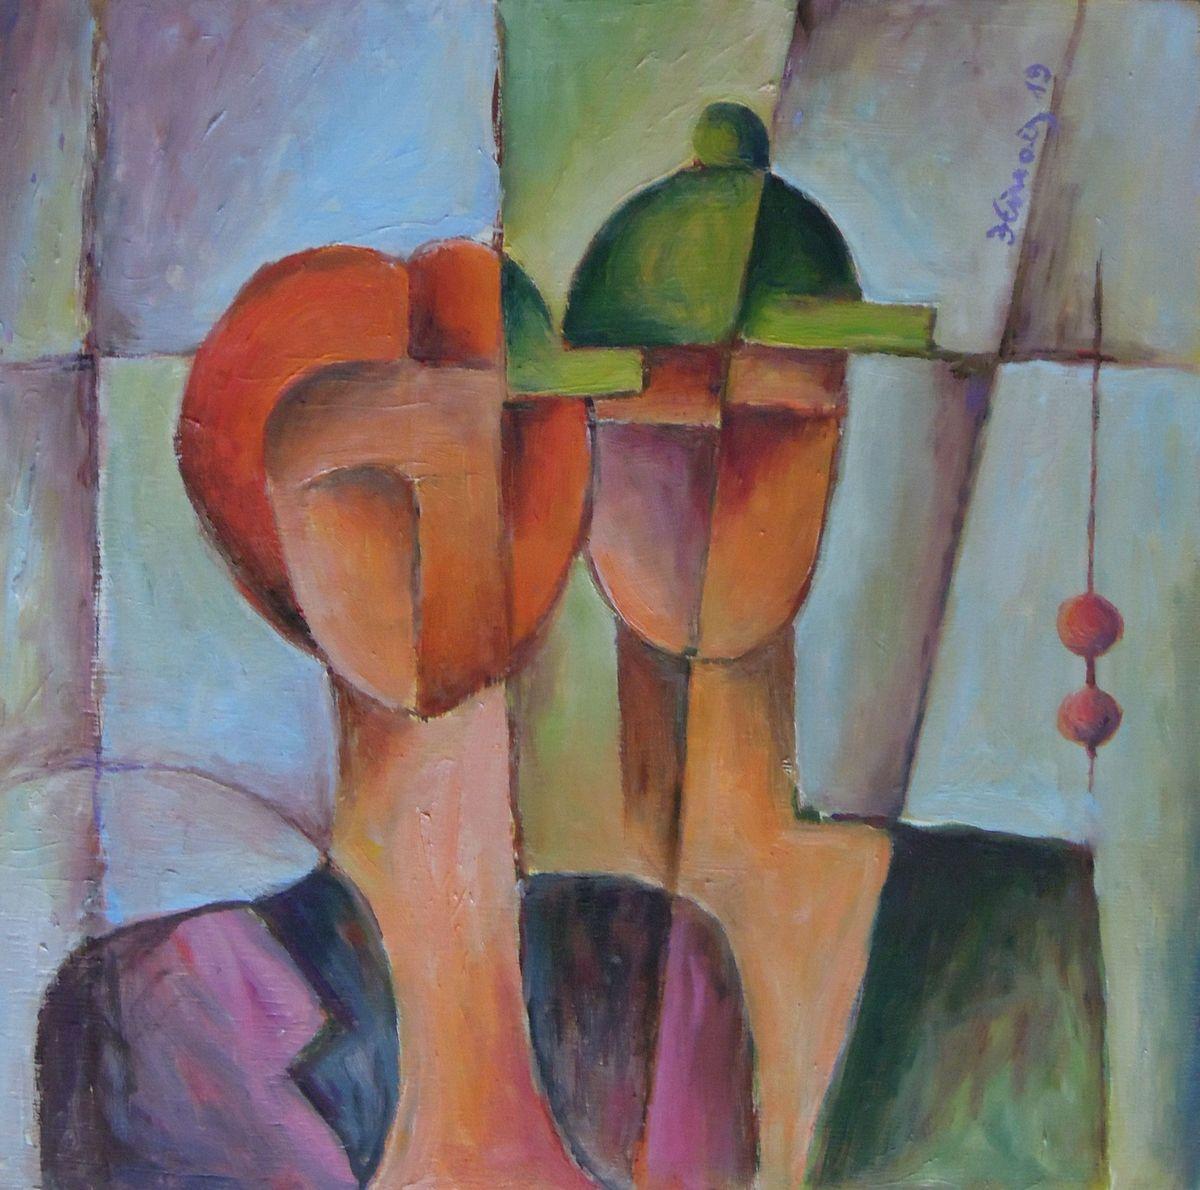 zelený klobouk - Jan Hinais